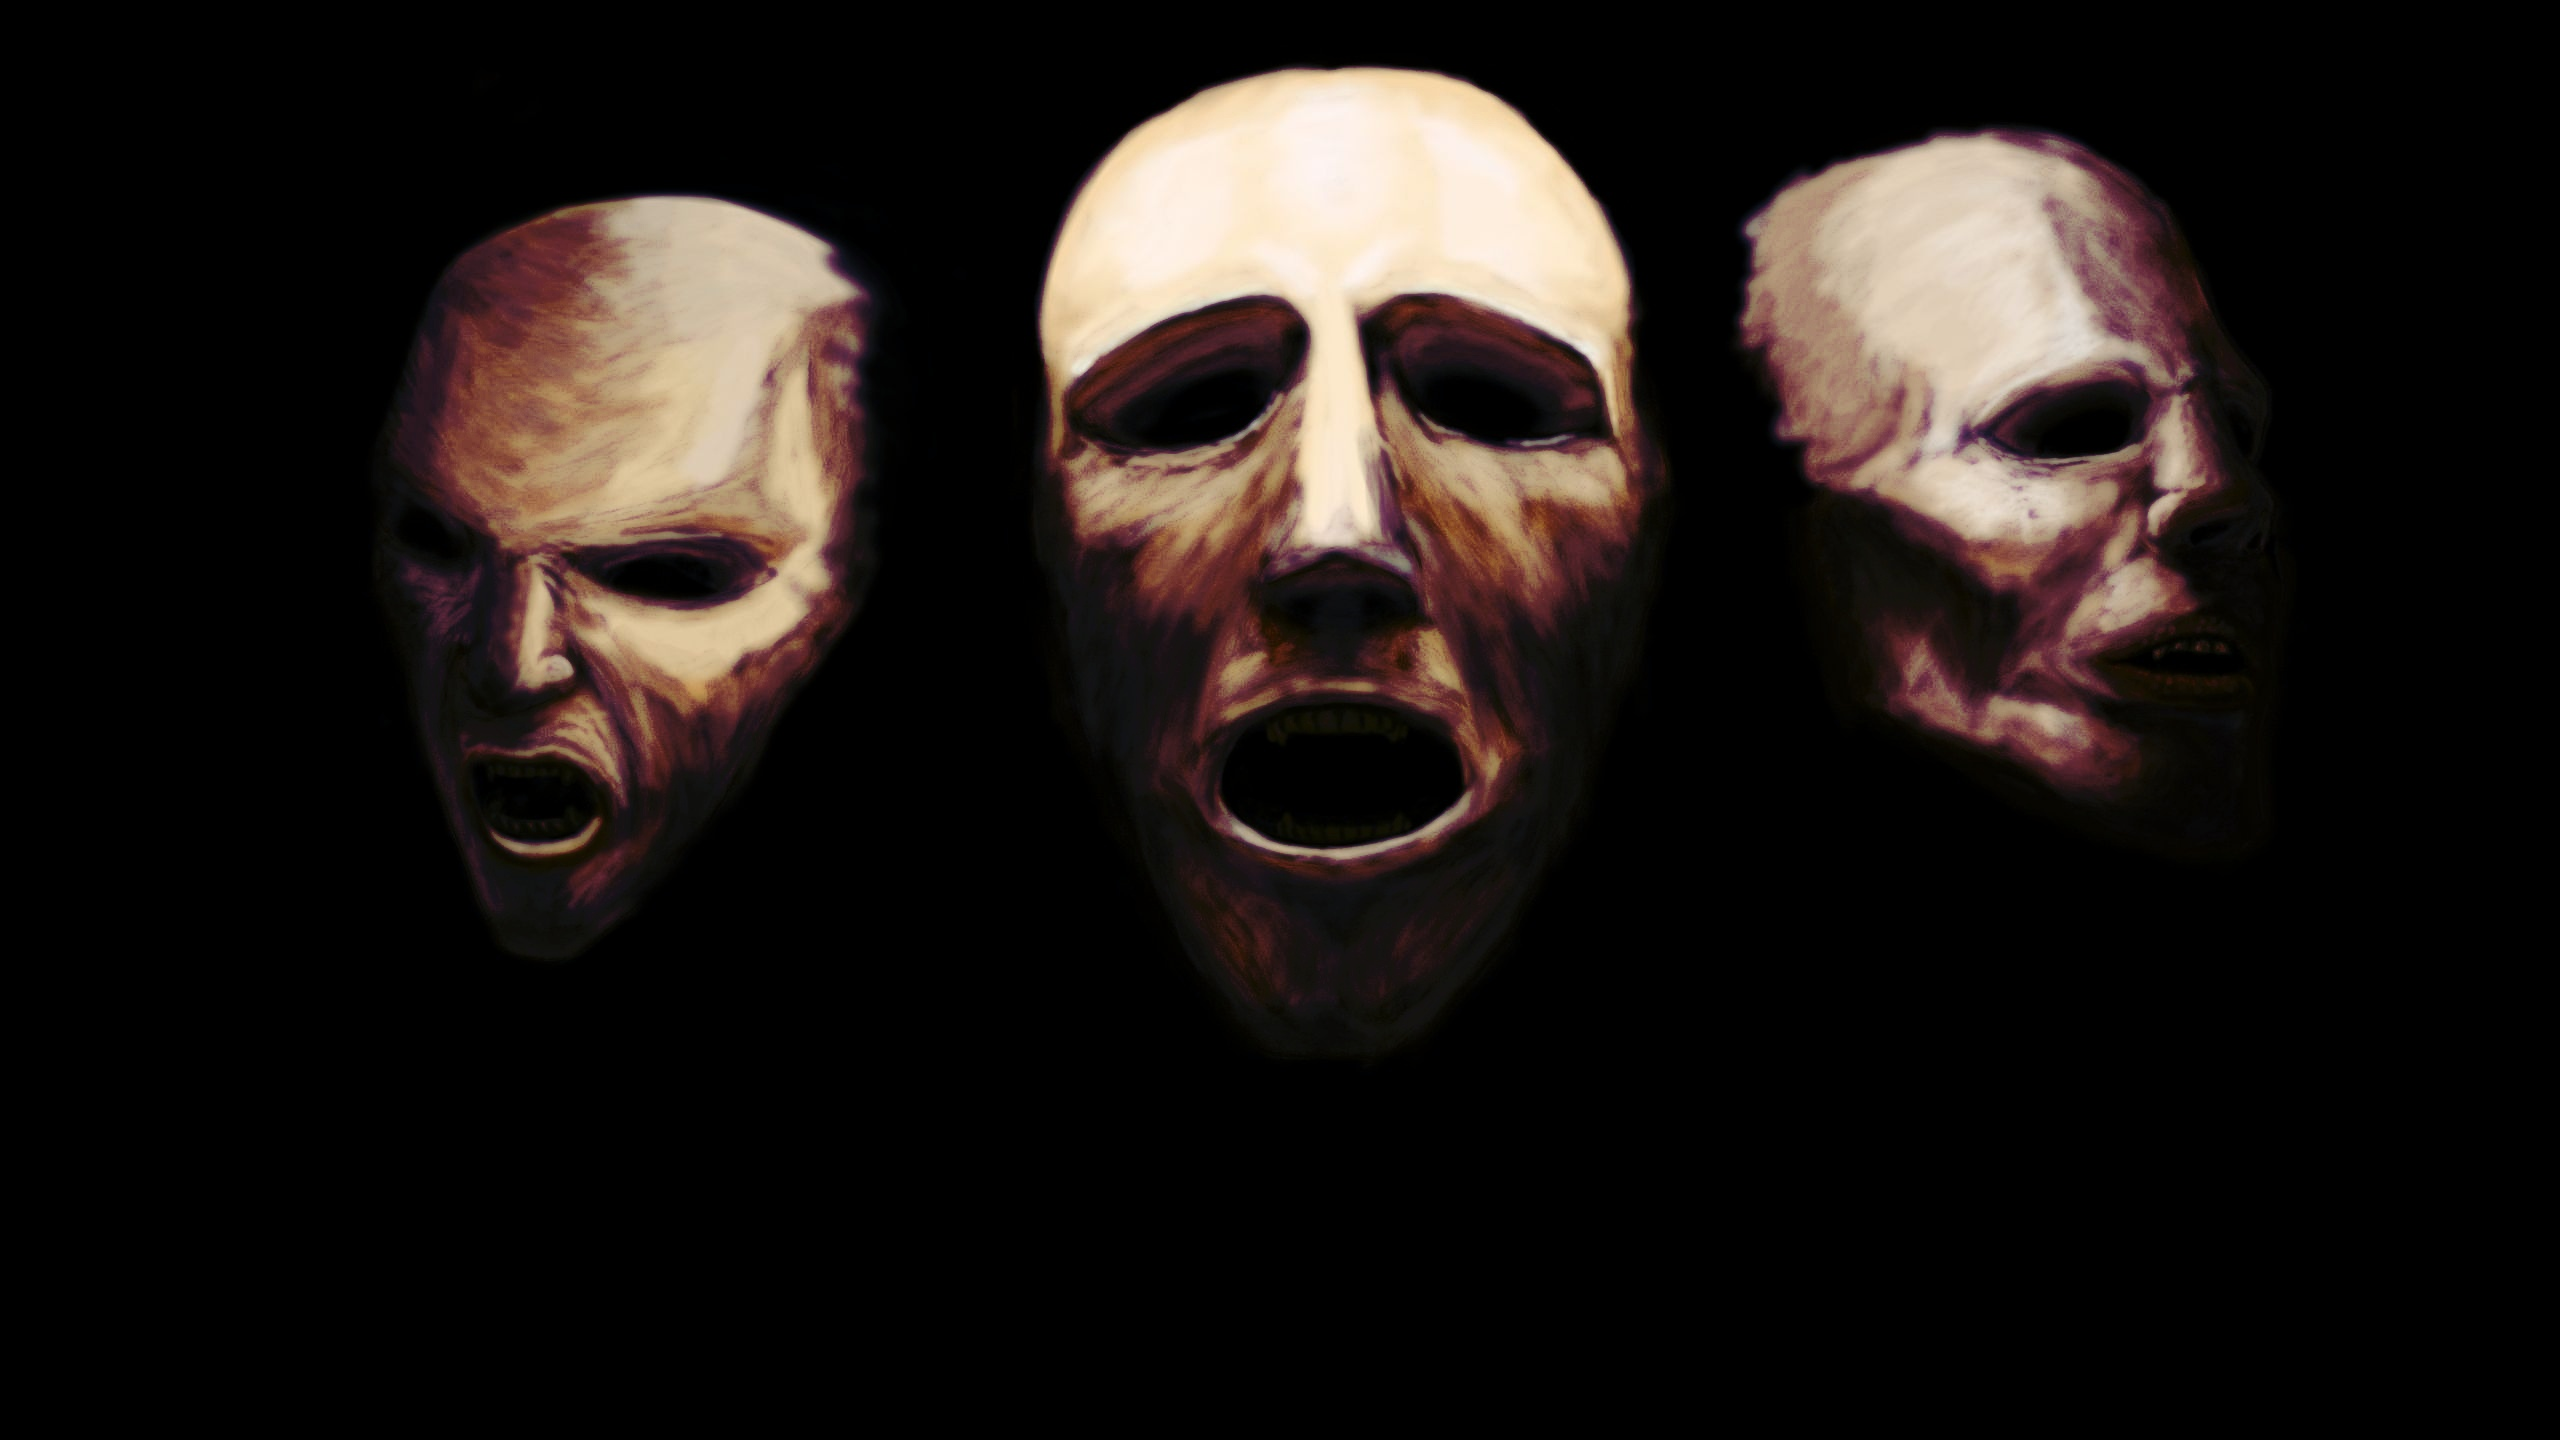 3 weird men